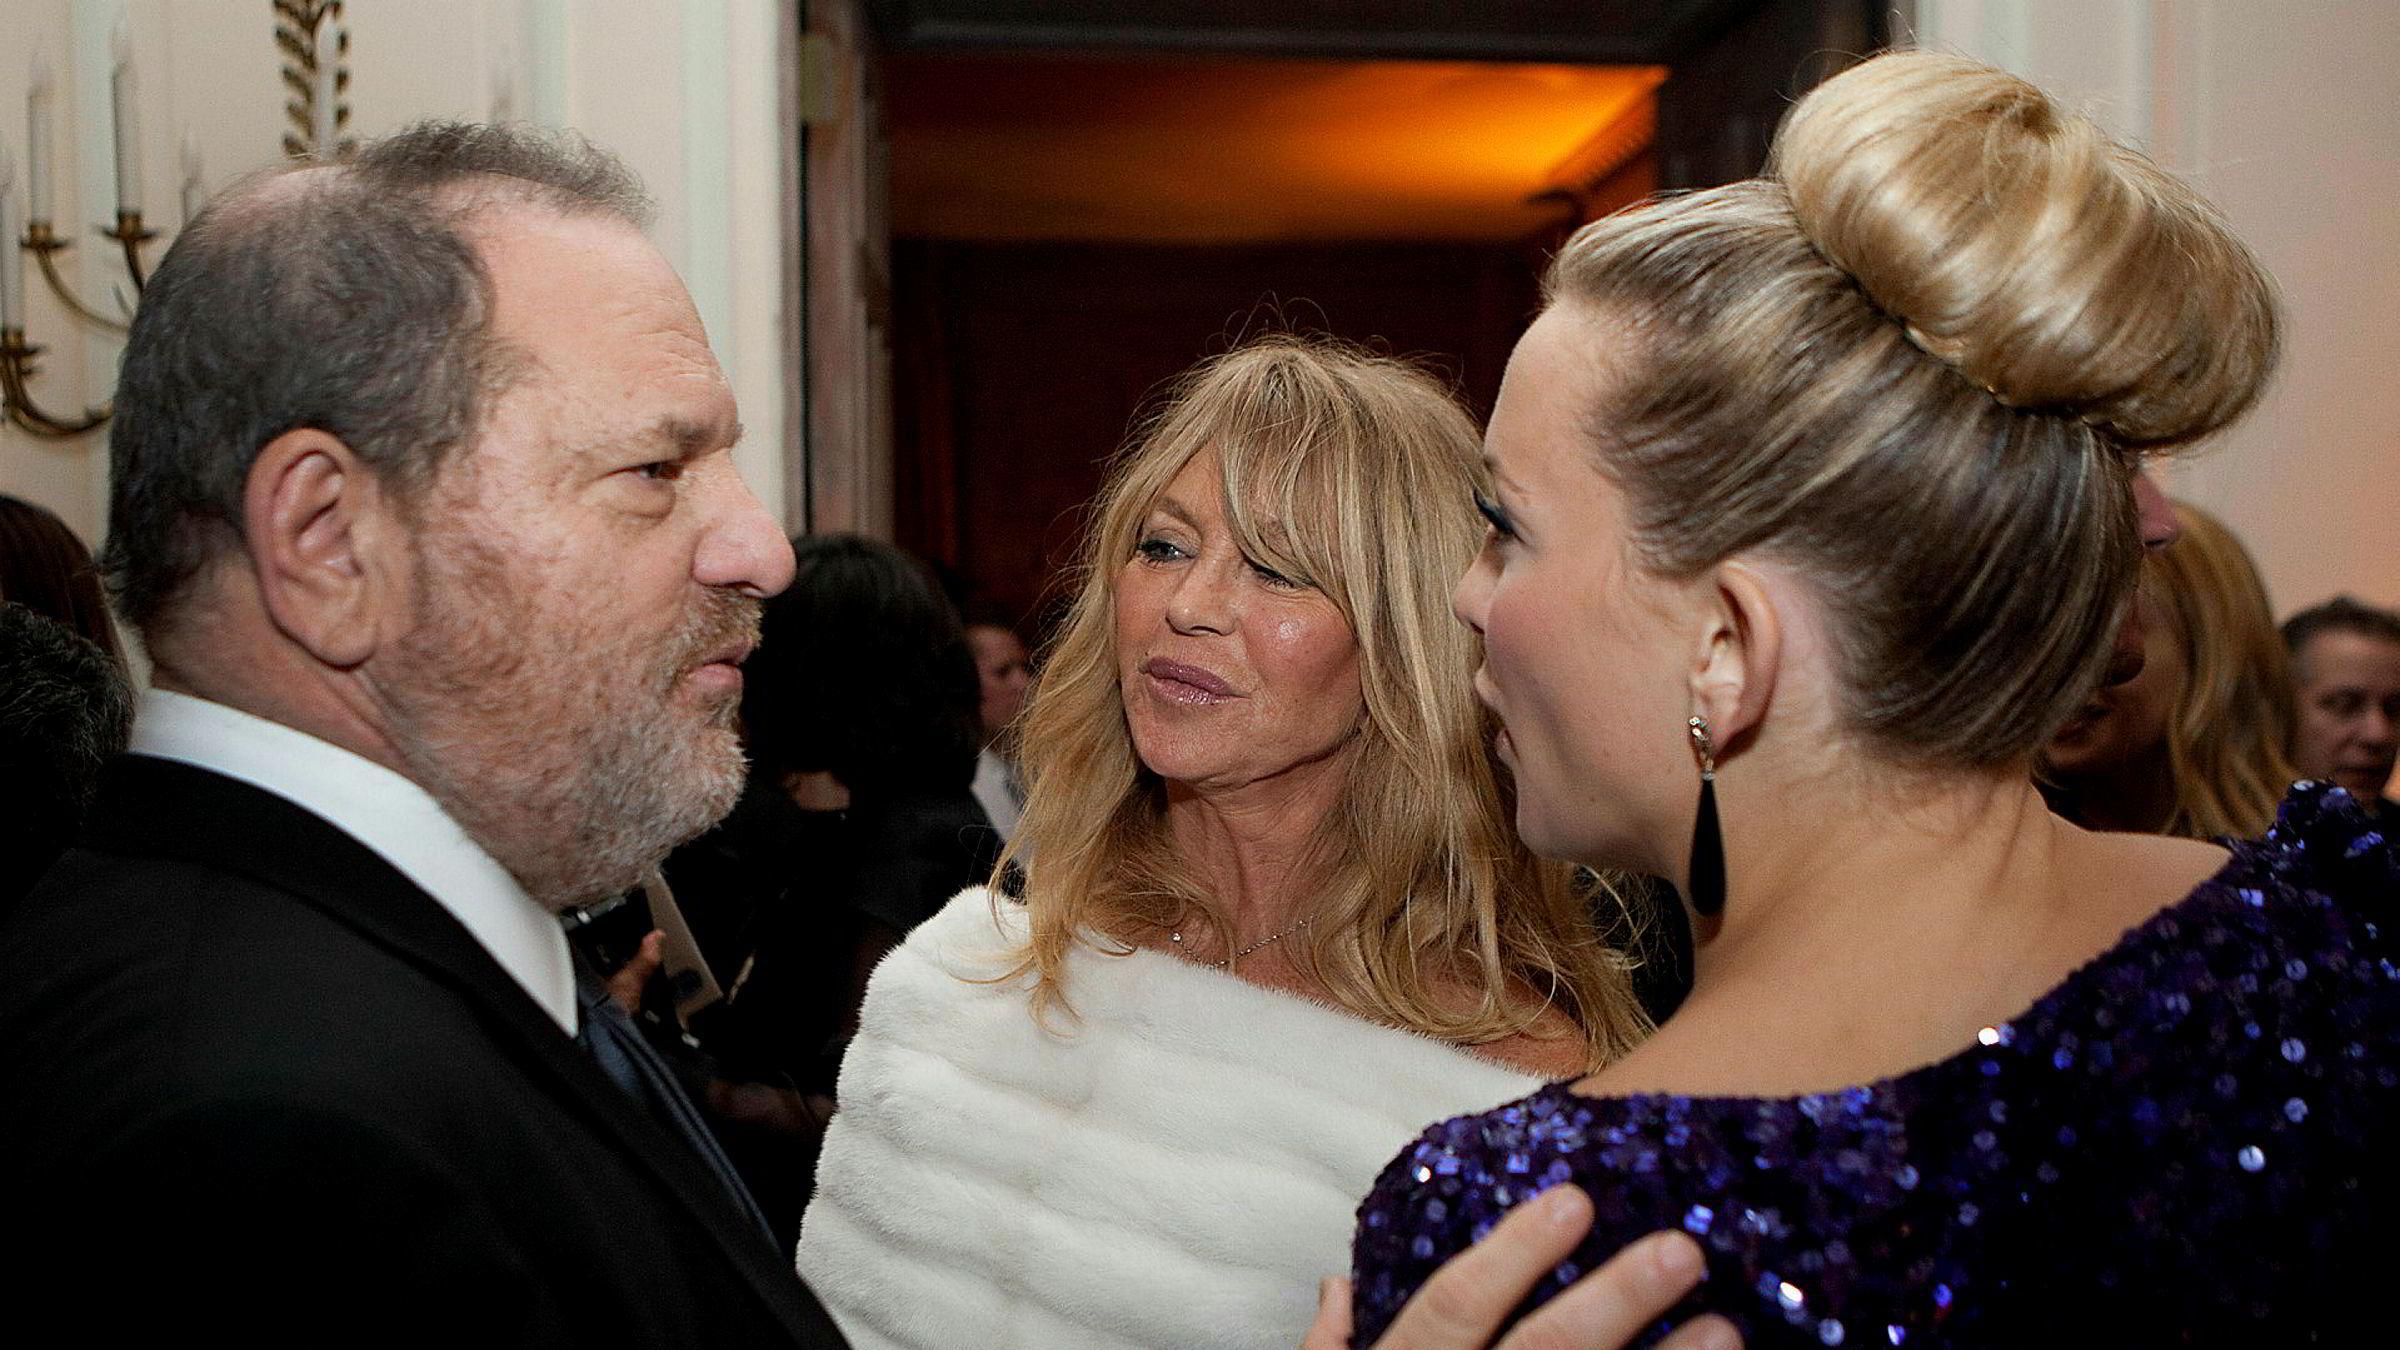 Omfanget og alvorlighetsgraden i Weinstein-historien gjorde Metoo-kampanjen slagkraftig. Her Harvey Weinstein, Goldie Hawn og Kate Hudson.